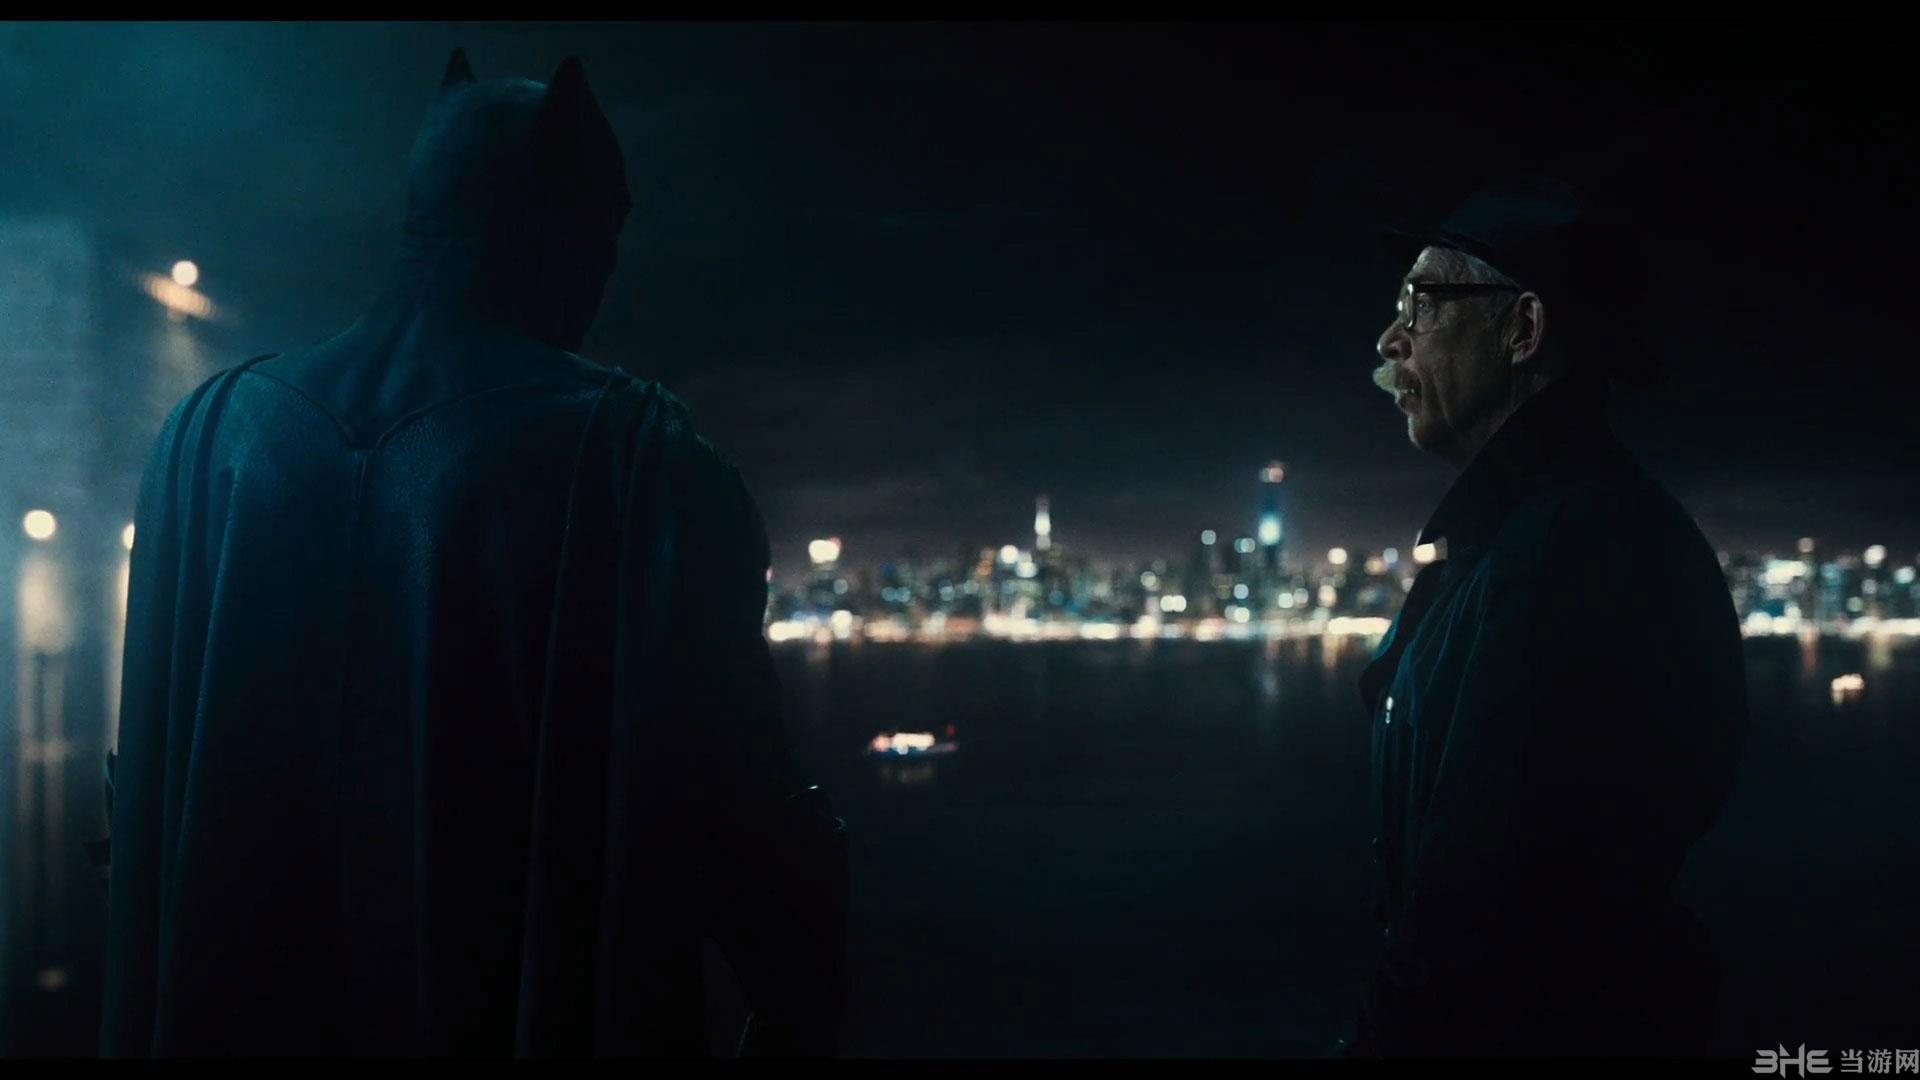 蝙蝠侠戈登警官1